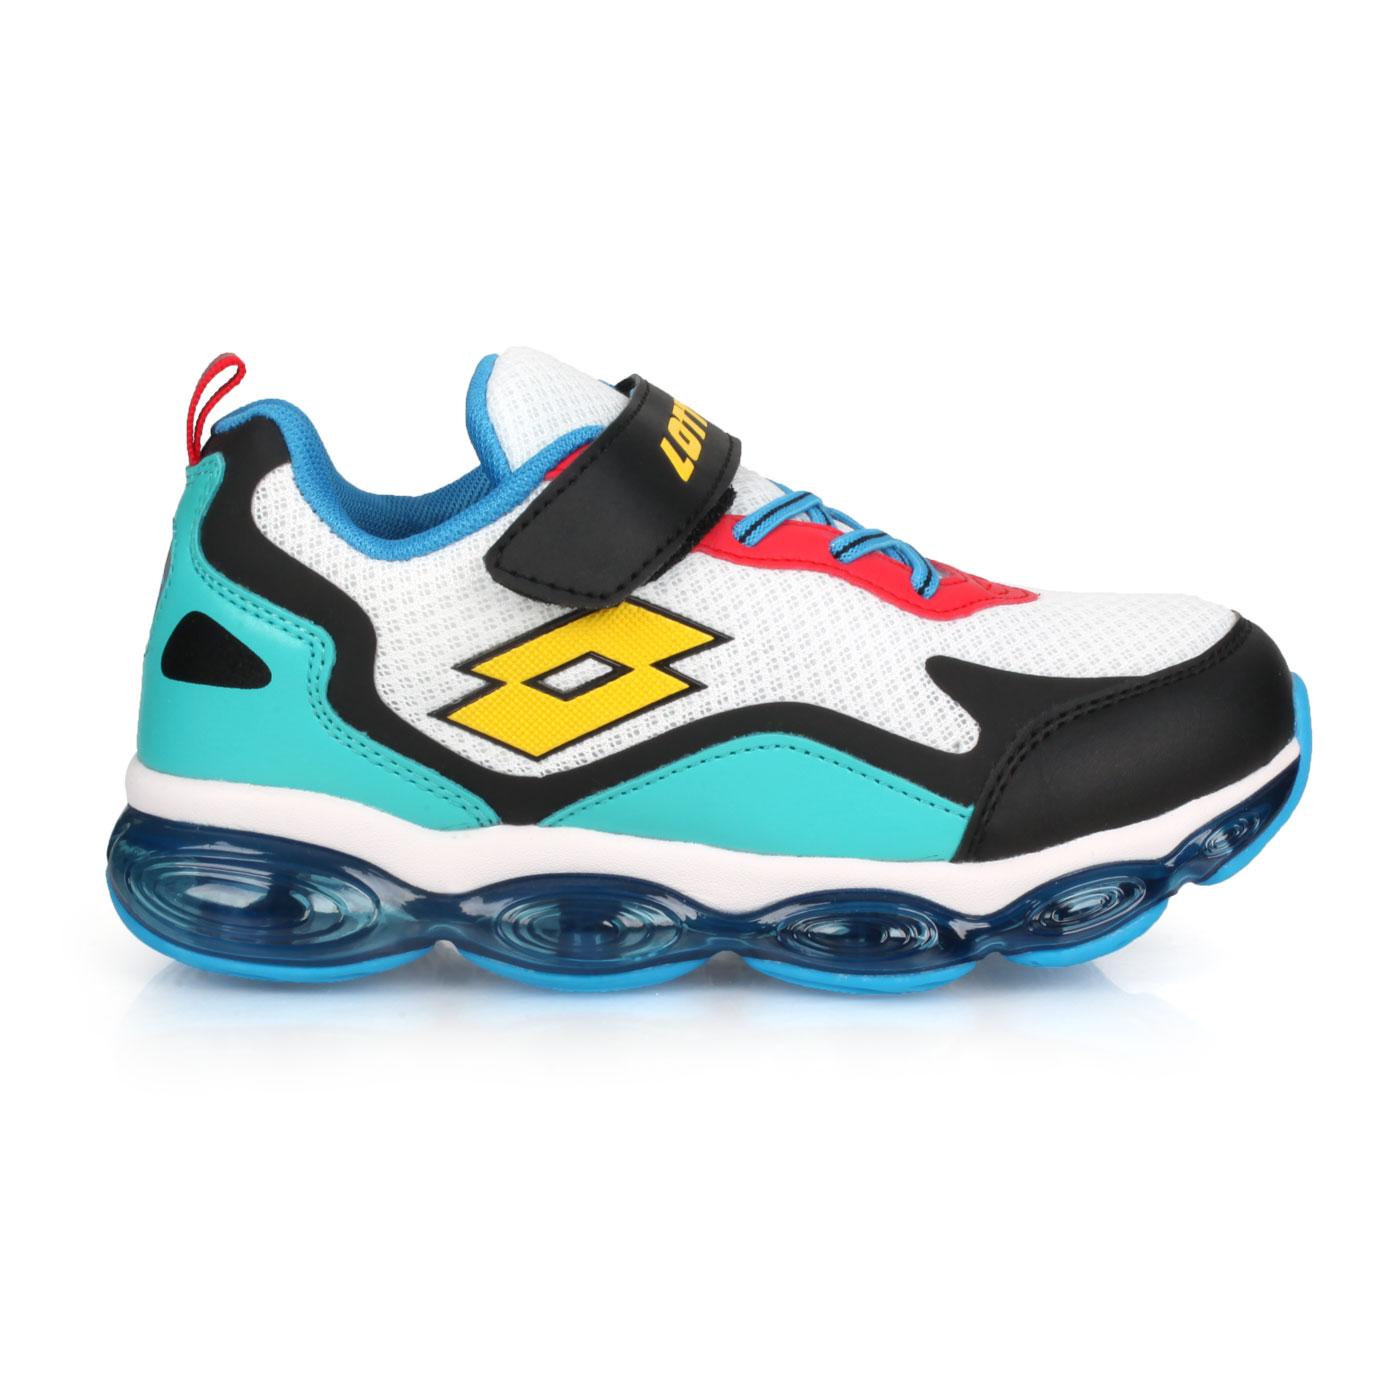 LOTTO 中童氣墊慢跑鞋 LT0AKR2218 - 白黑綠黃藍